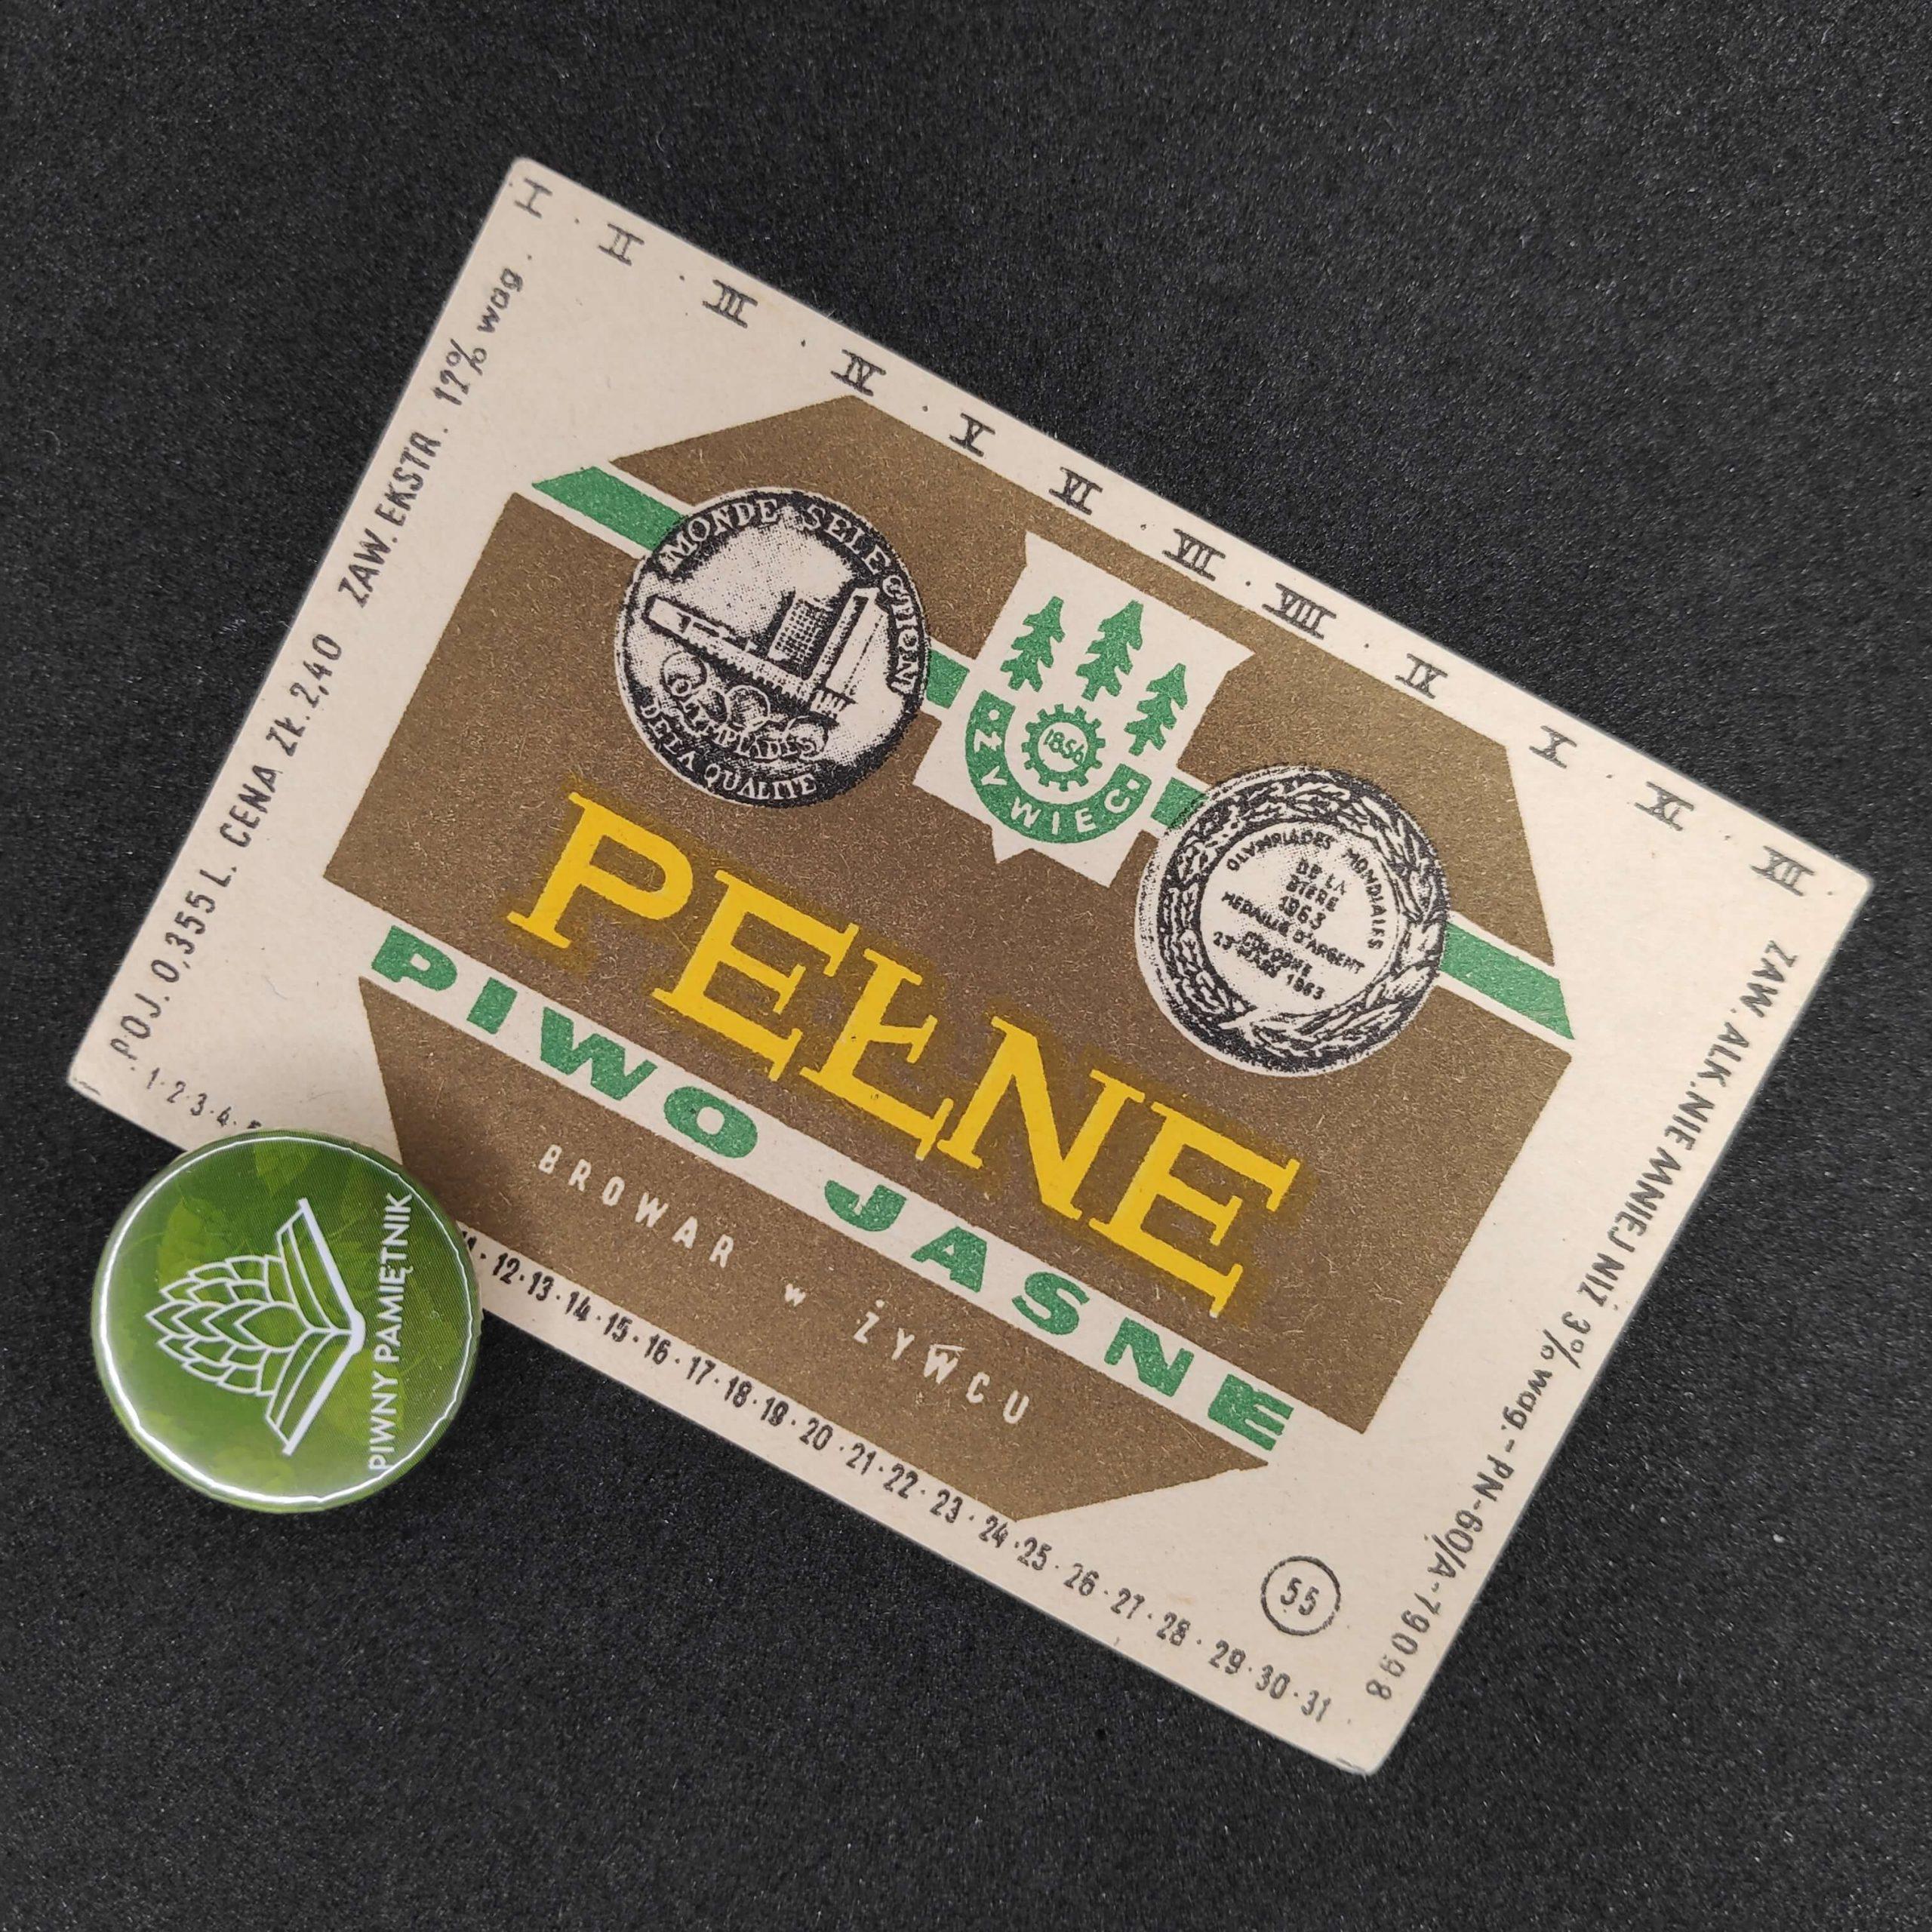 Zabytkowe Etykiety Polskich Piw #0002: Browar Żywiec #002